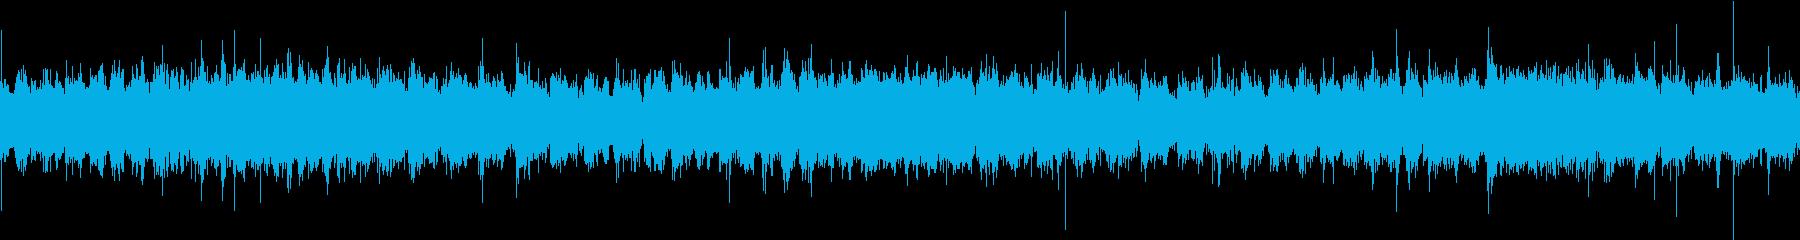 水車の音(ループ用)の再生済みの波形